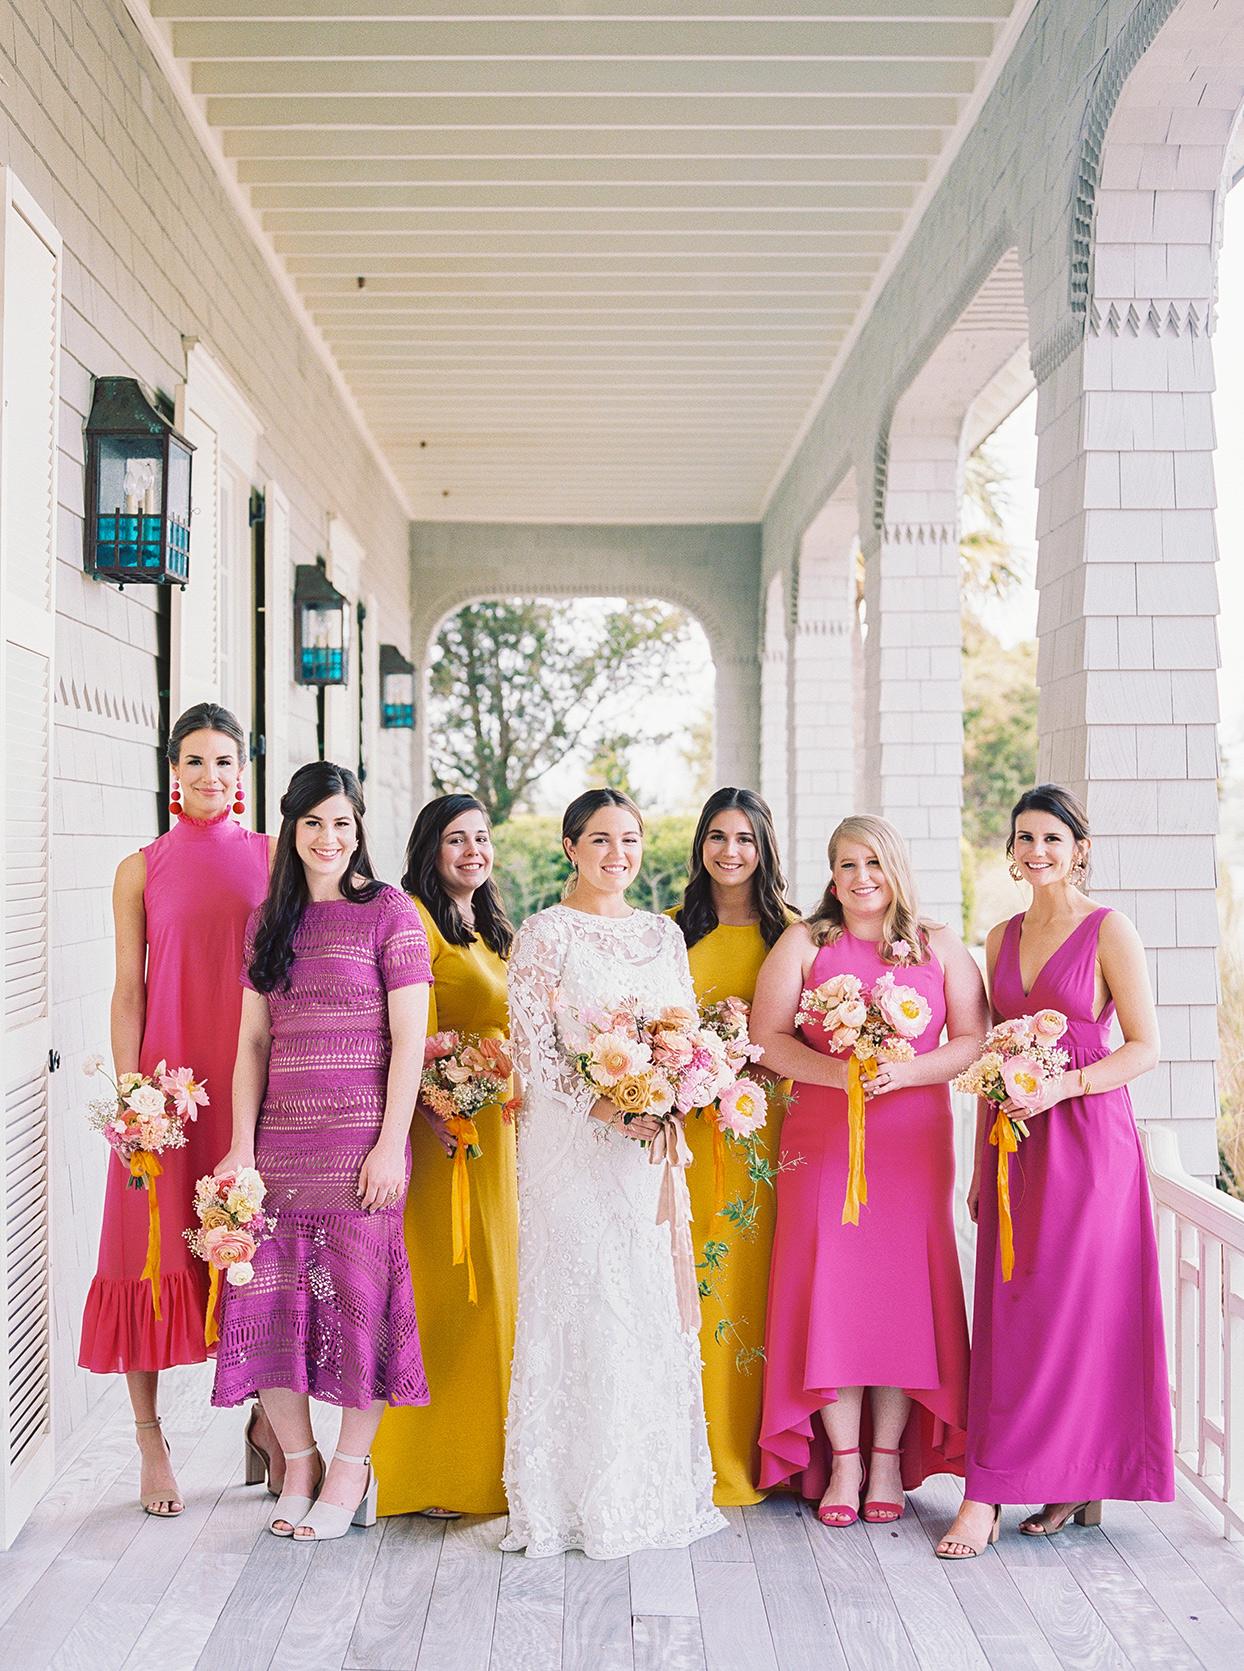 lauren dan wedding bridesmaids in colorful yellow and pink dresses